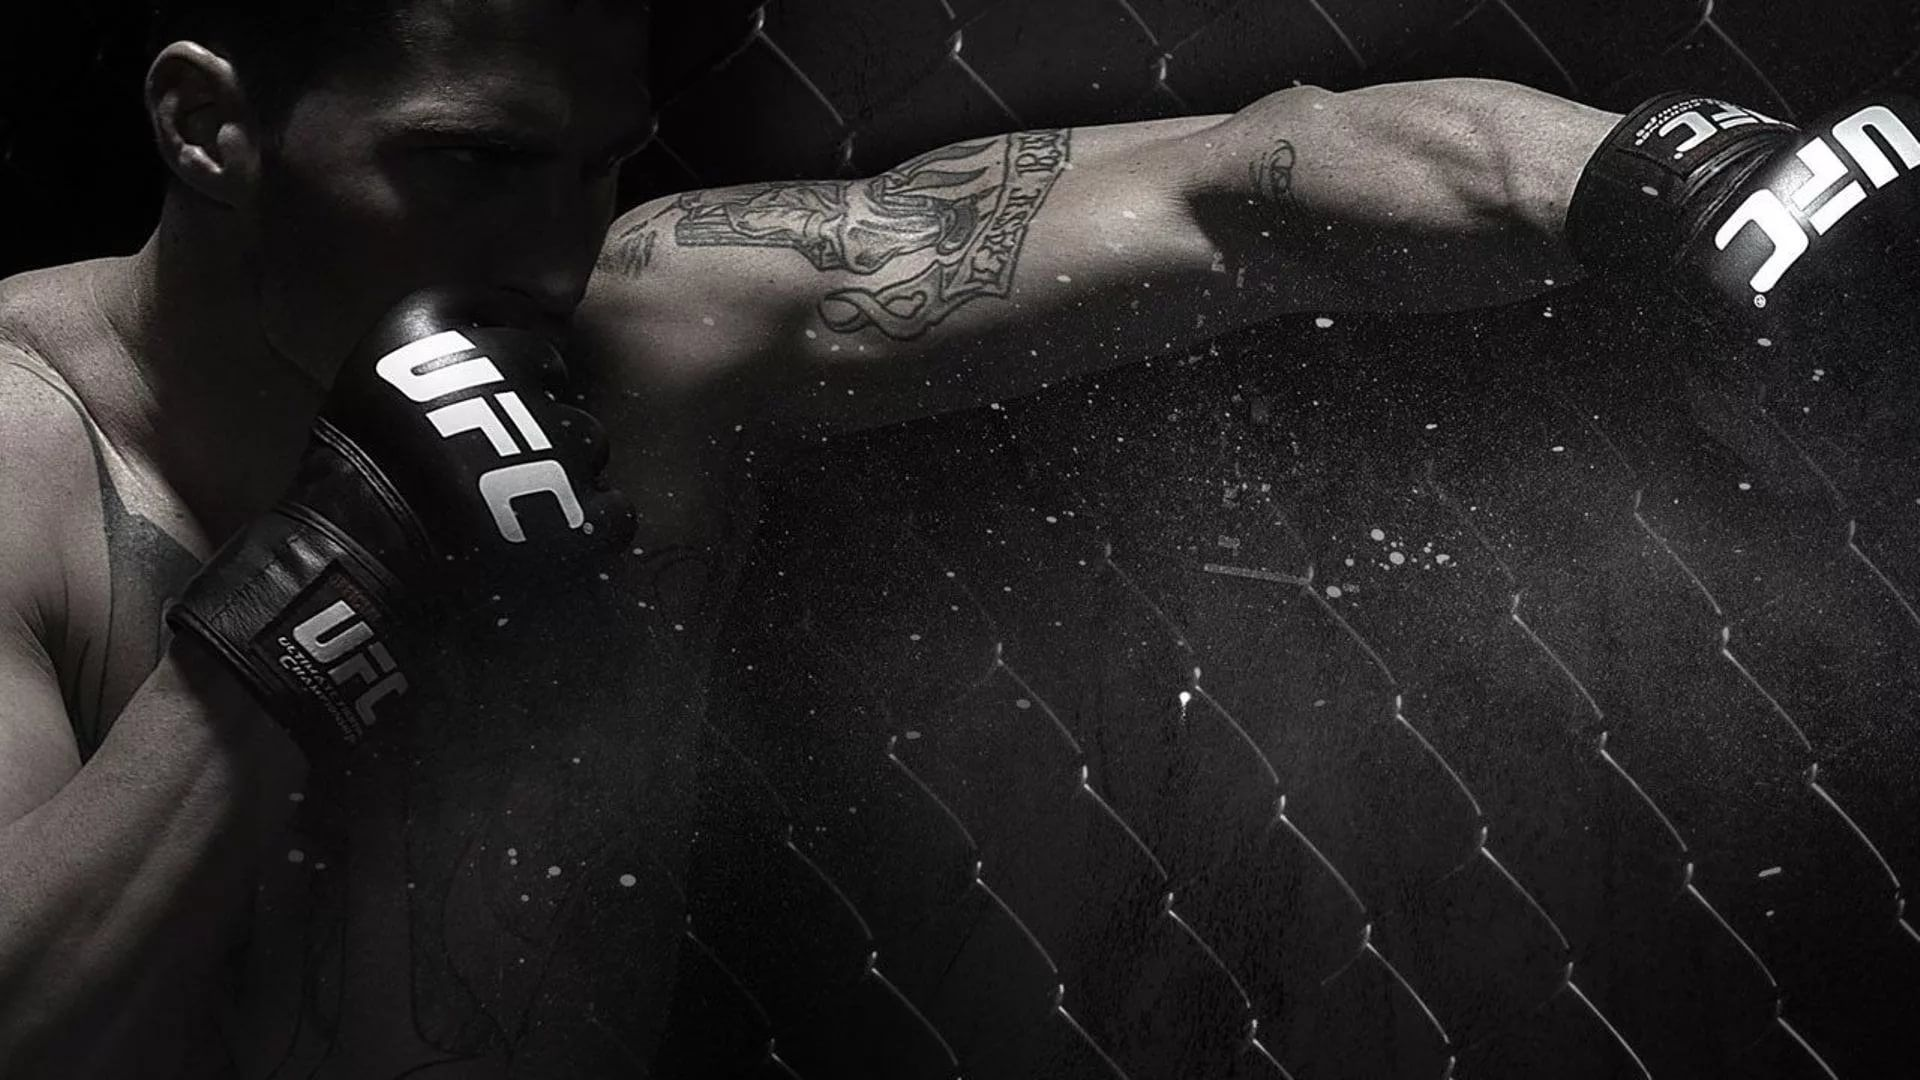 MMA Wallpaper